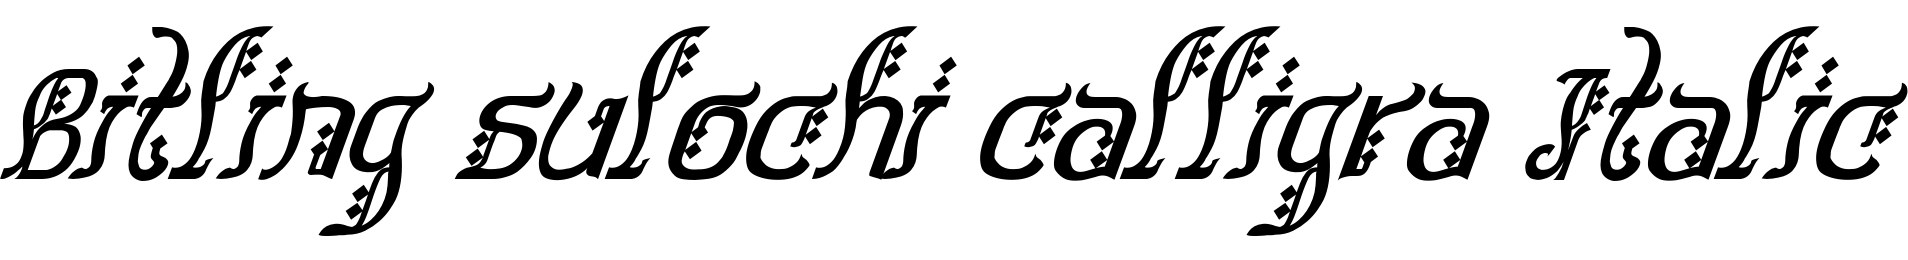 Bitling sulochi calligra Italic